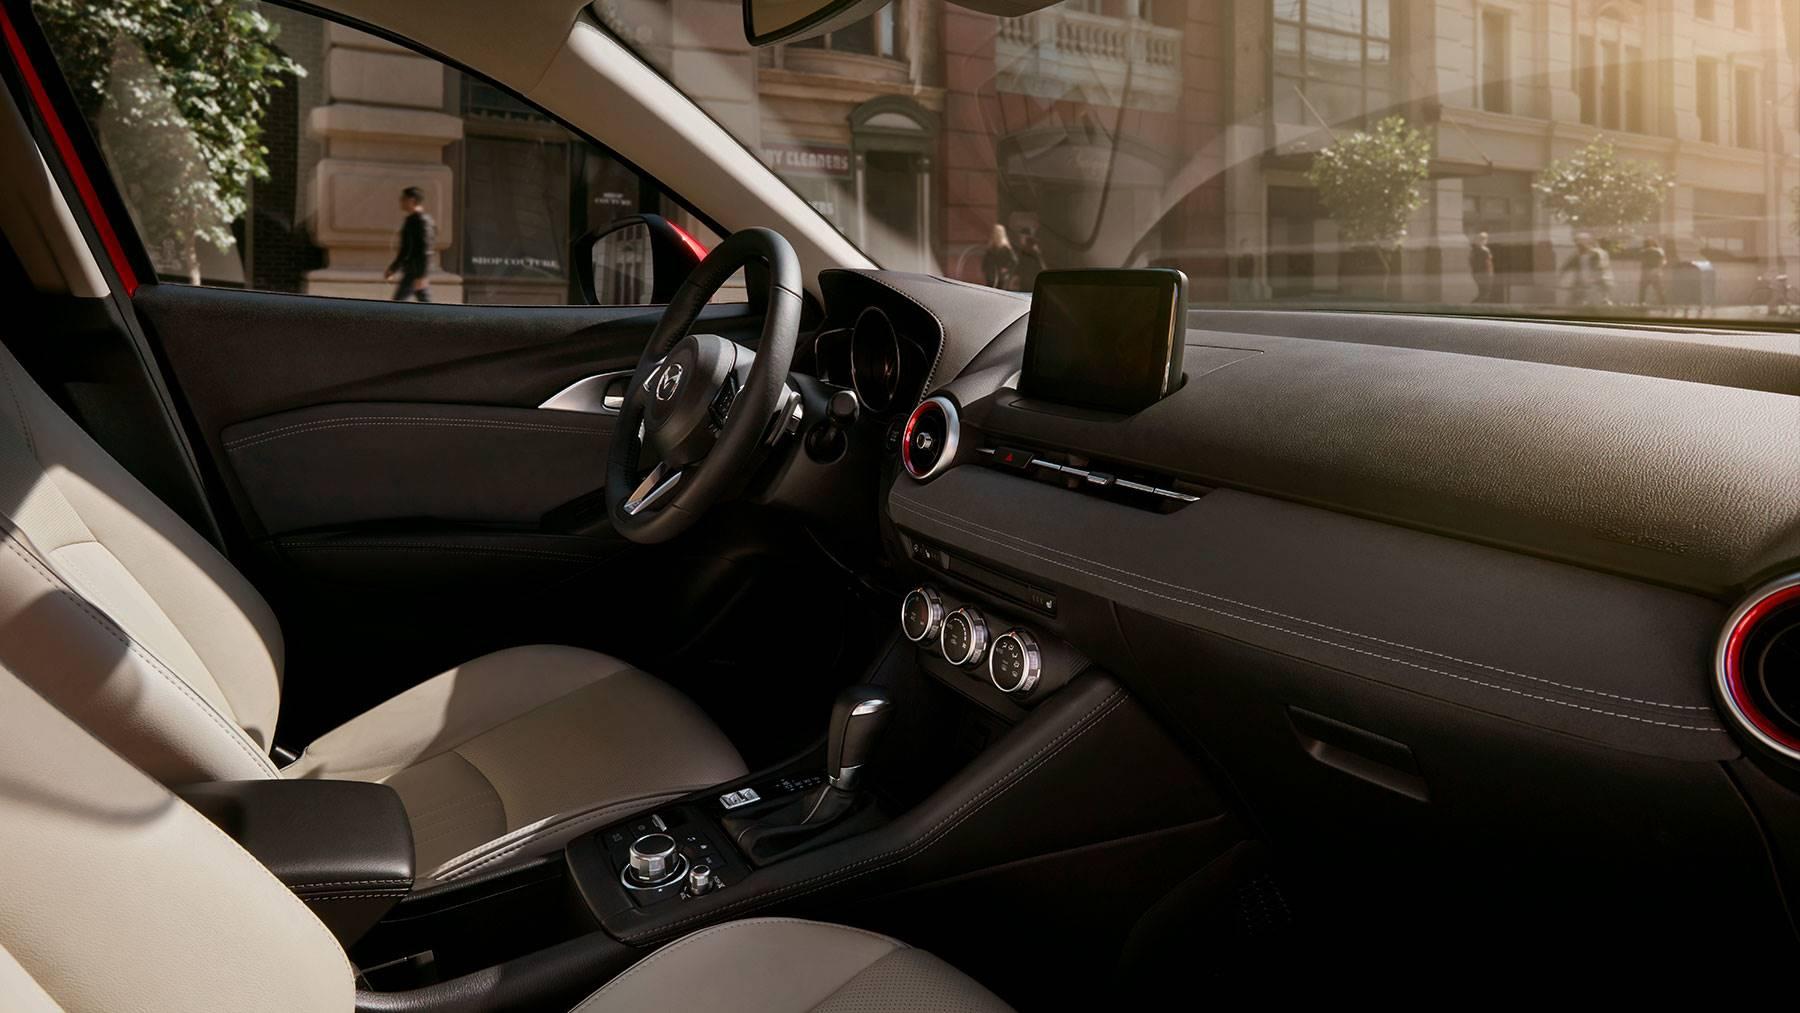 2019 Mazda CX-3 Center Console